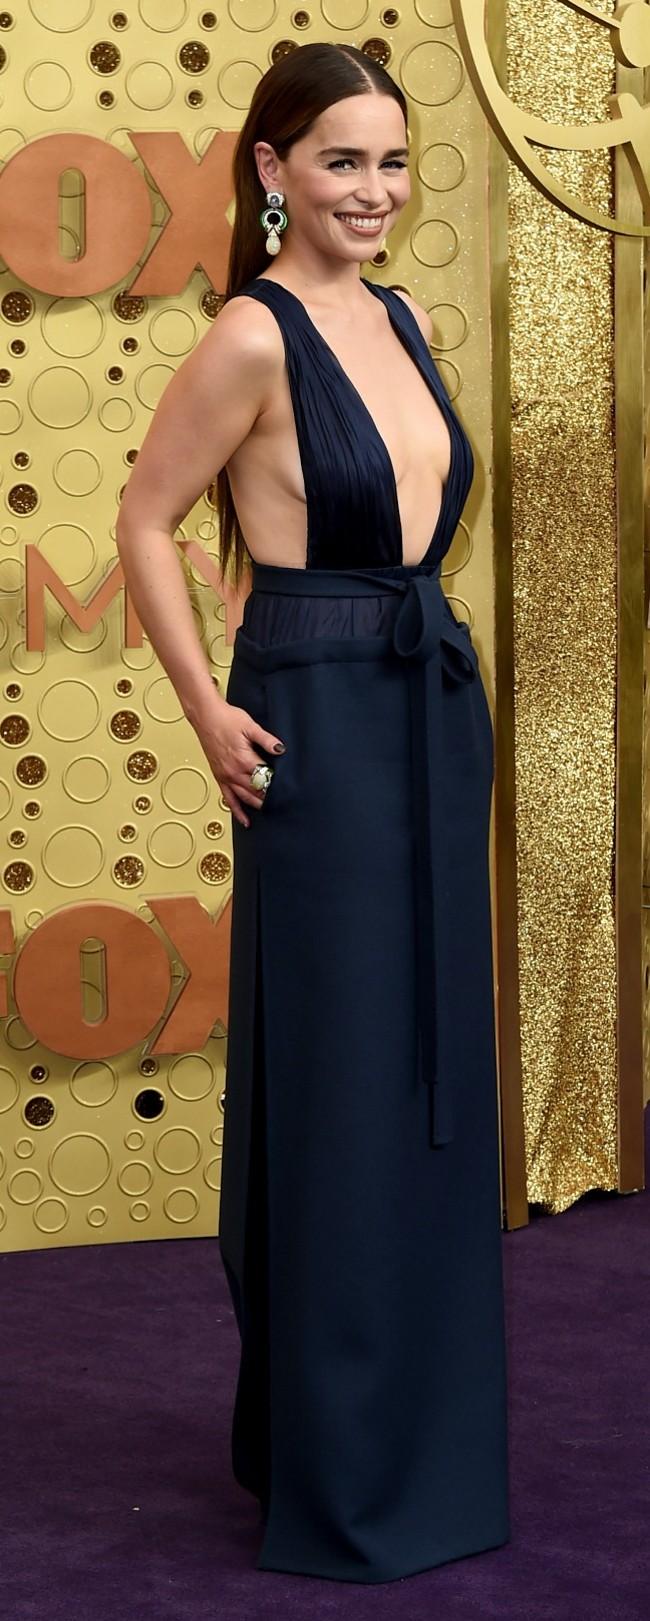 לוהטת בשמלה של ולנטינו. אמיליה קלארק (צילום: AP)